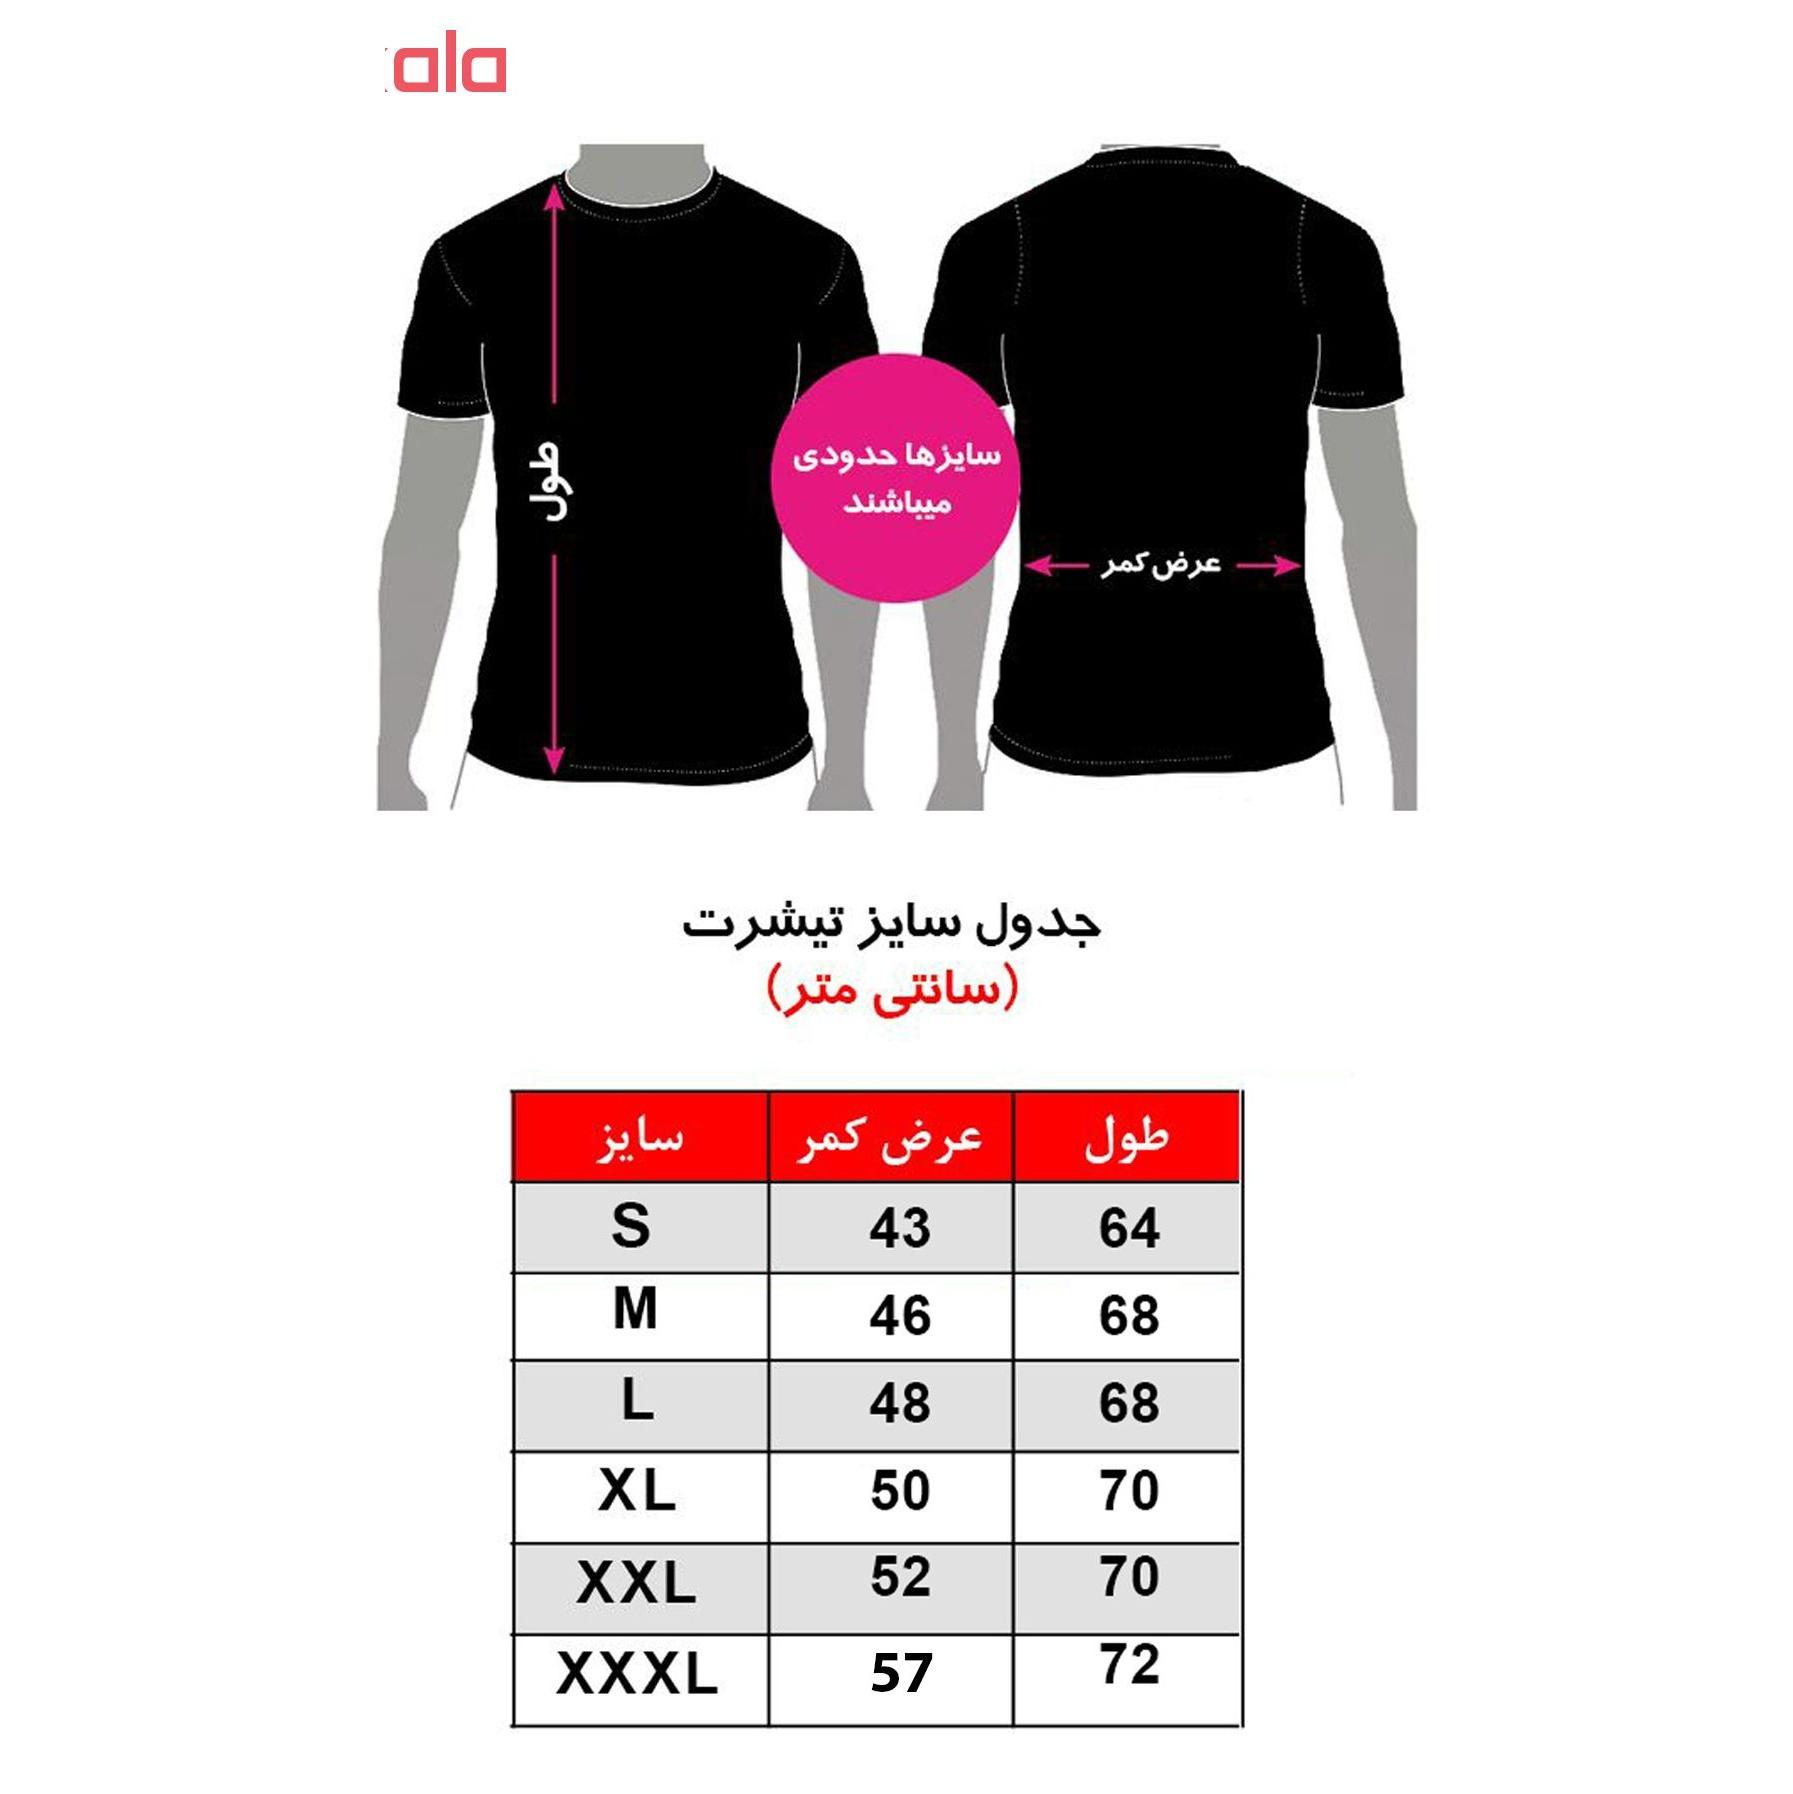 تی شرت مردانه طرح پیکی بلایندرز کد 34337